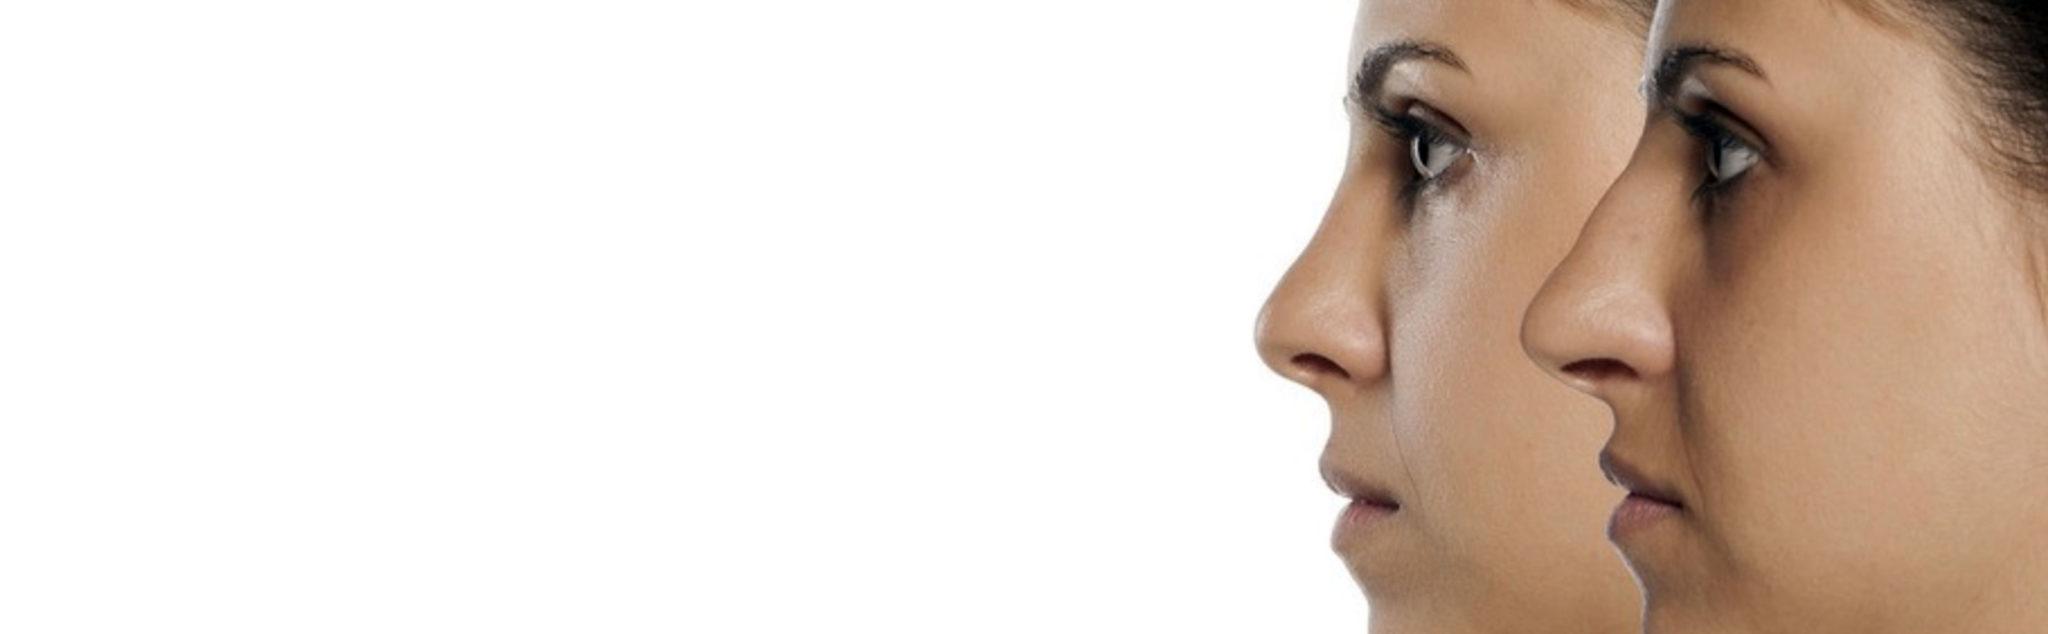 Chirurgie esthétique du nez ou rhinoplastie à Lyon - Dr Corniglion